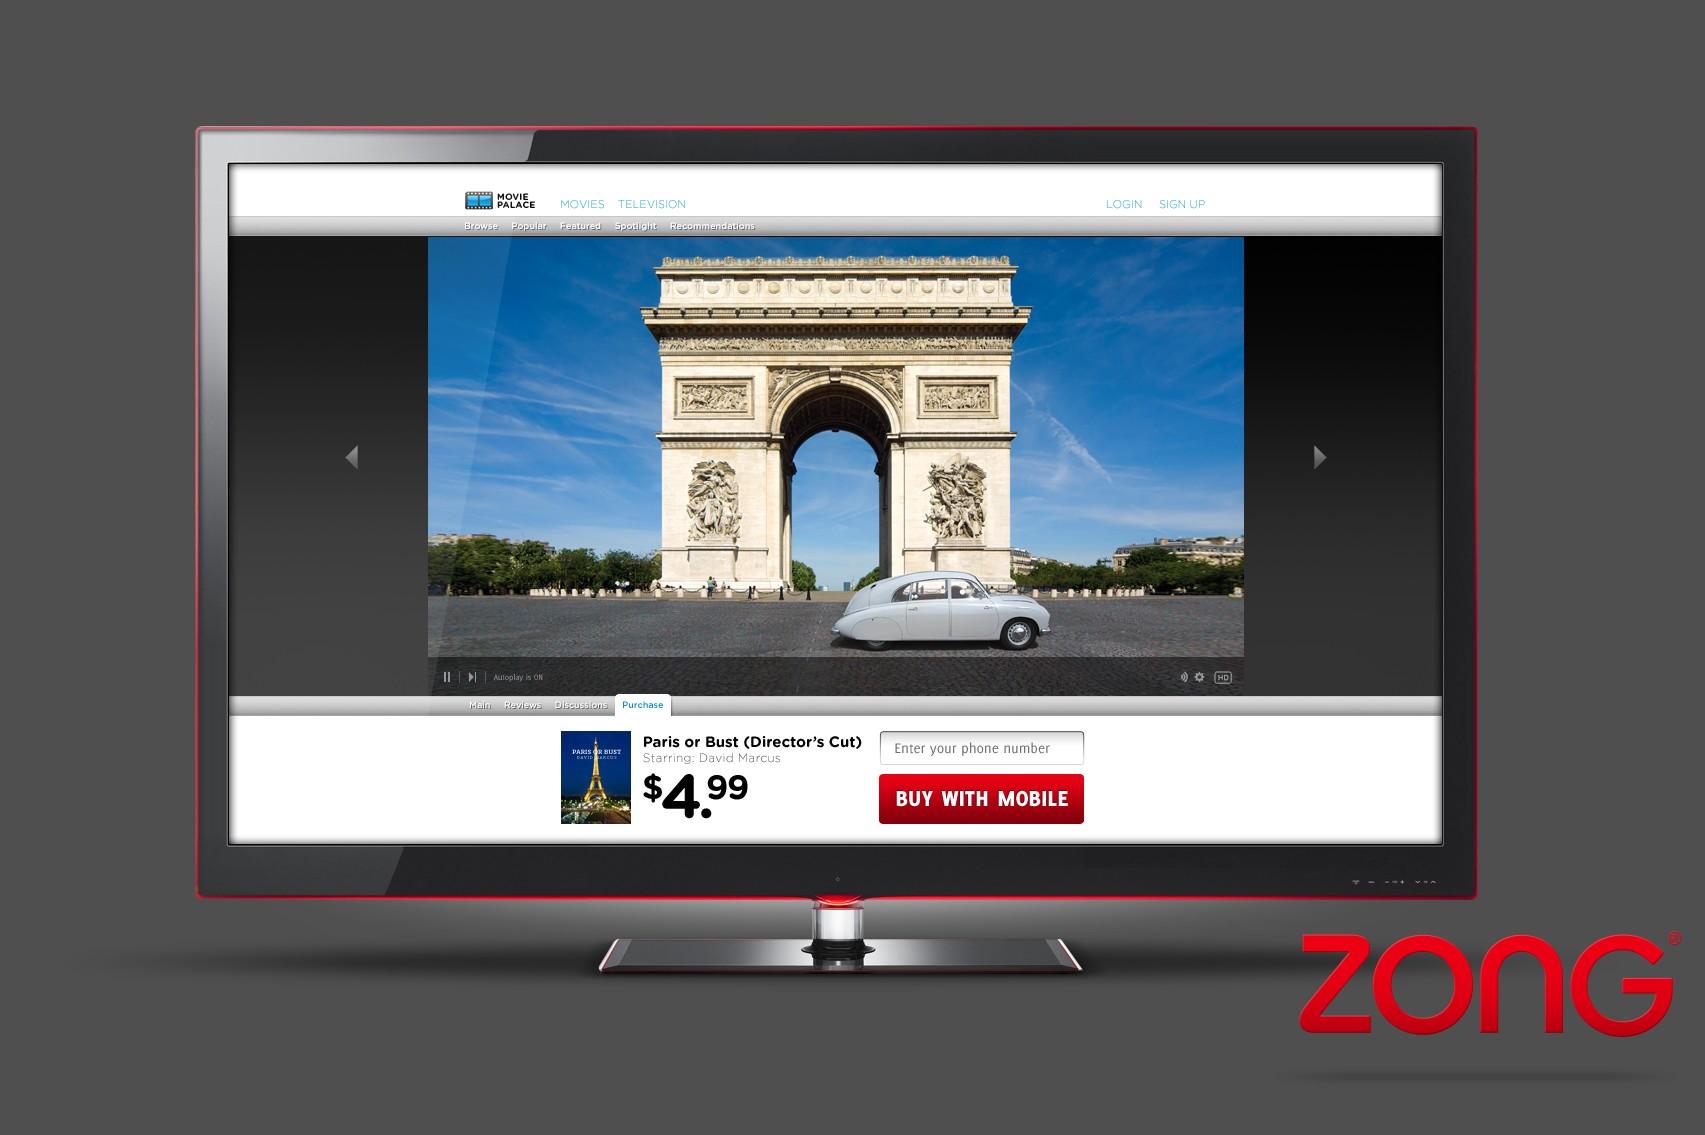 zong_platform_video